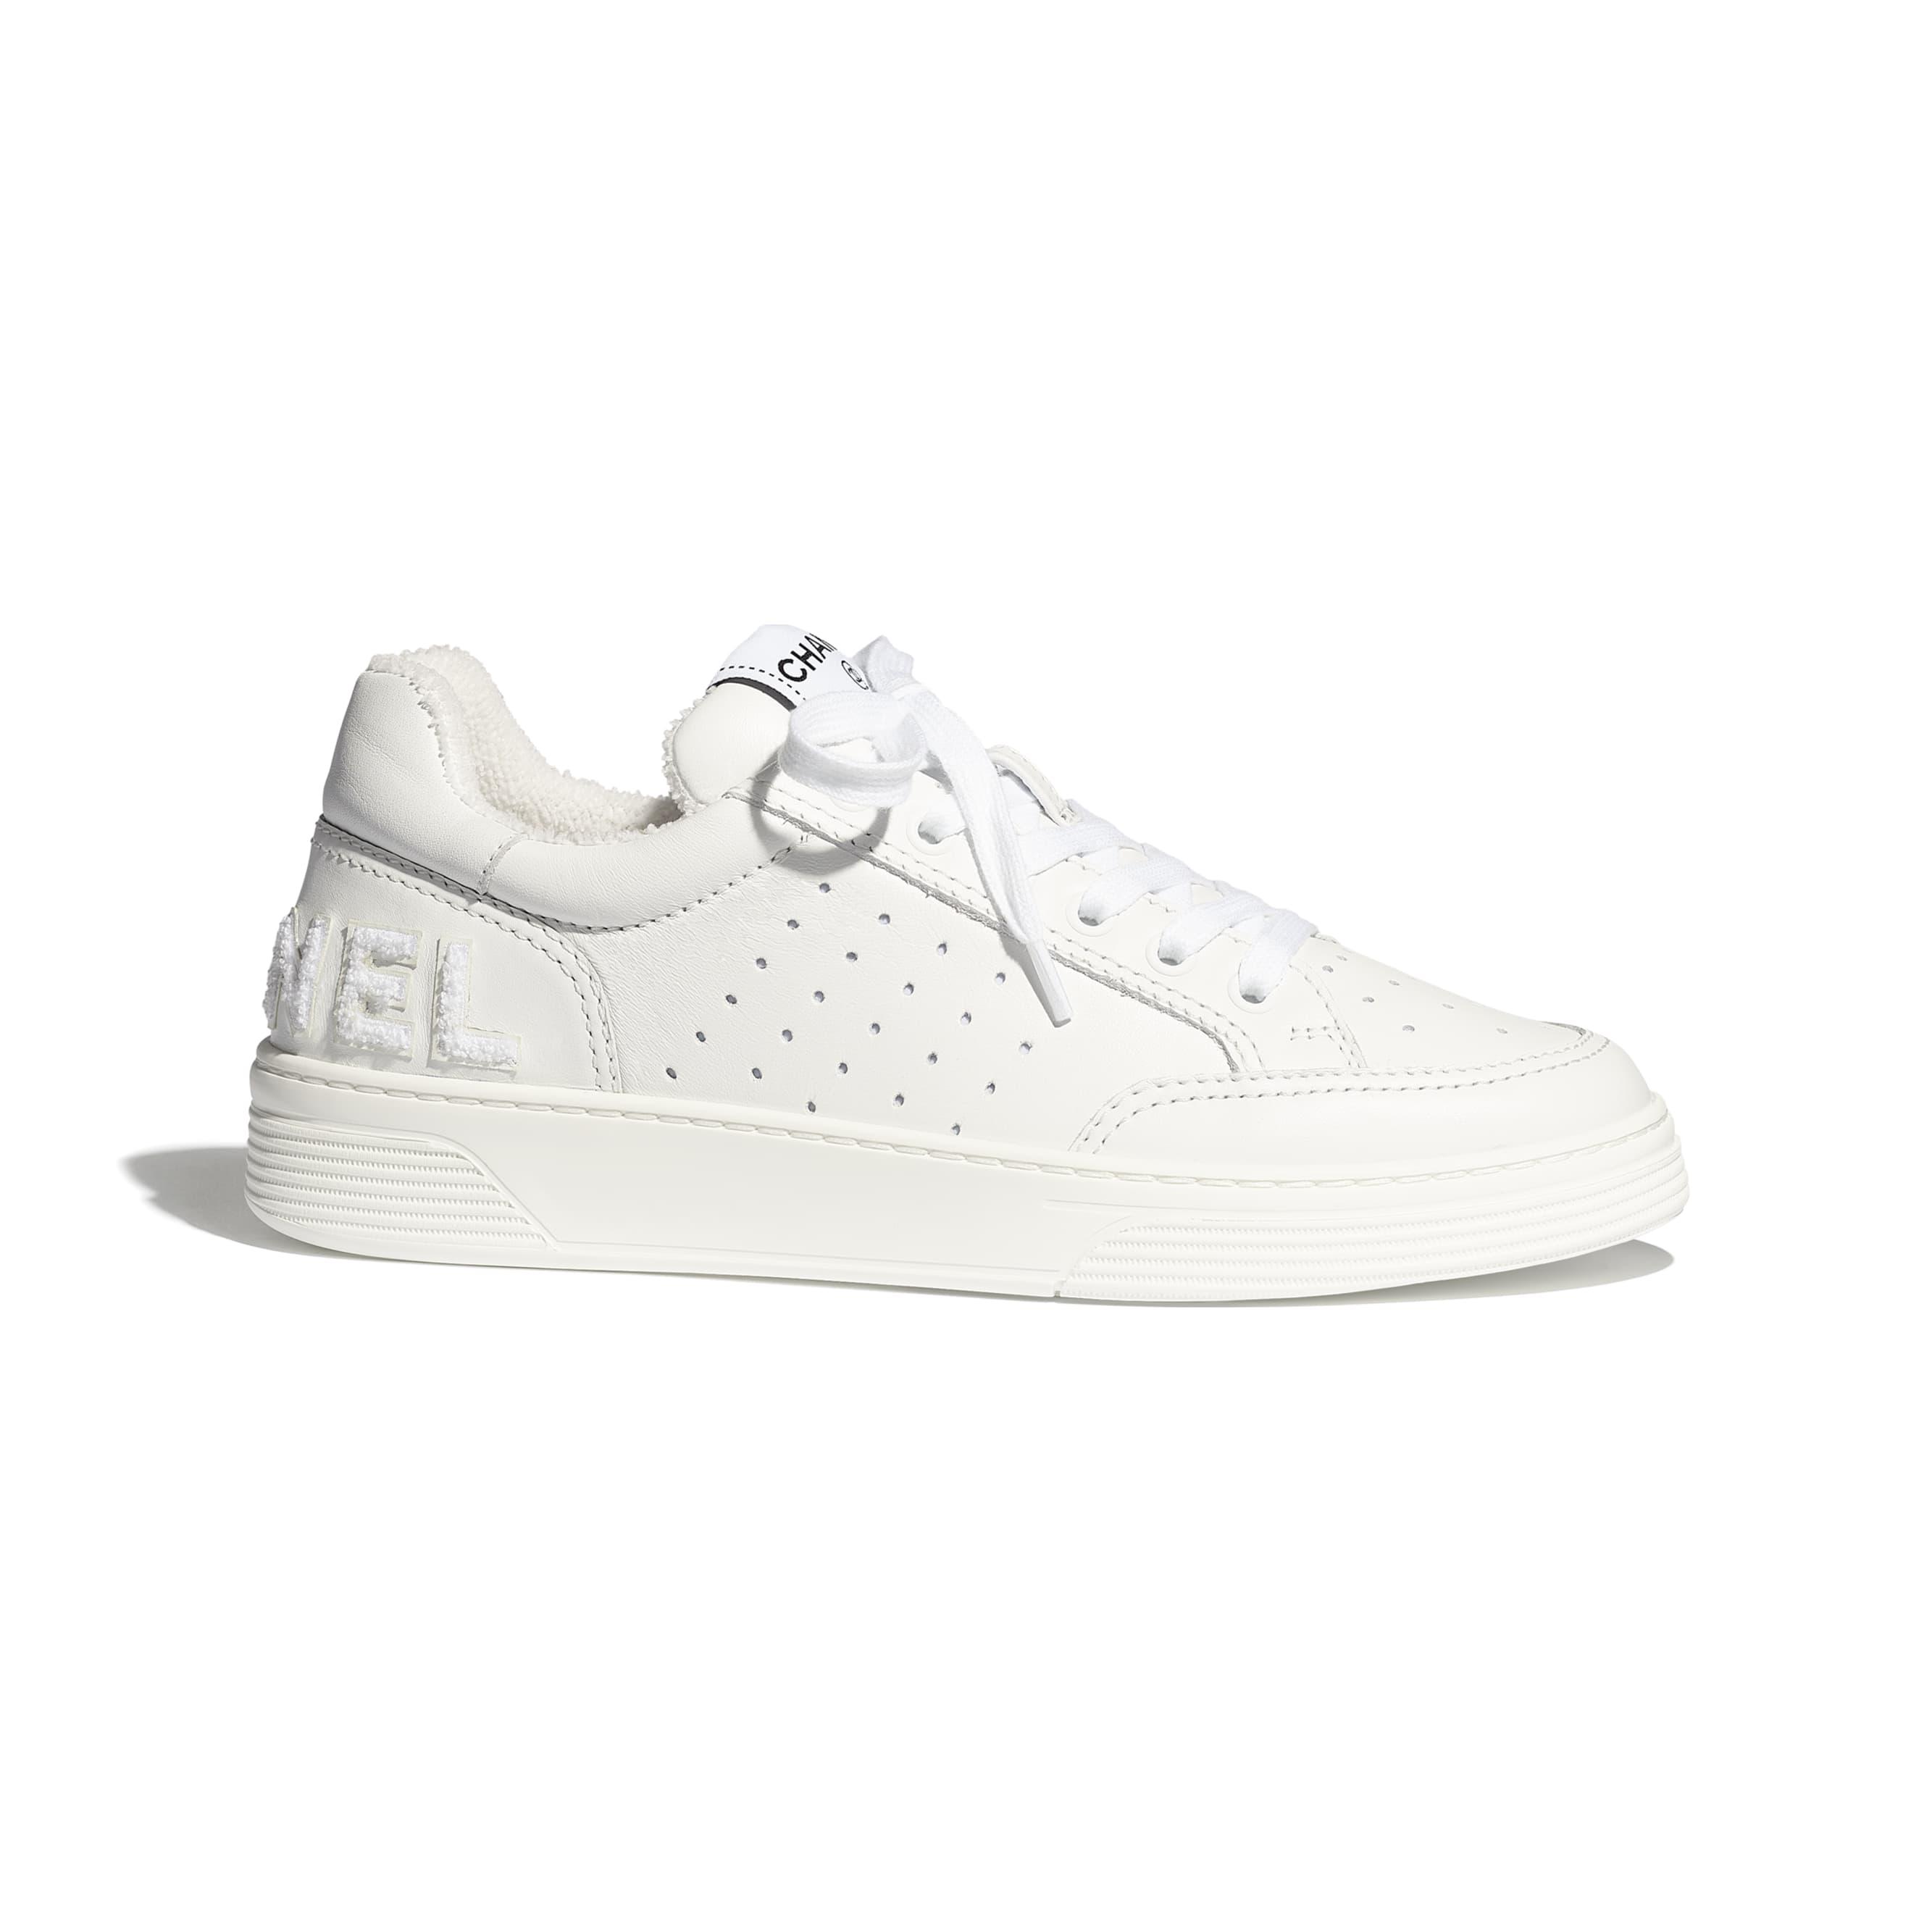 Sneakers - Weiß - Kalbsleder - Standardansicht - Standardgröße anzeigen